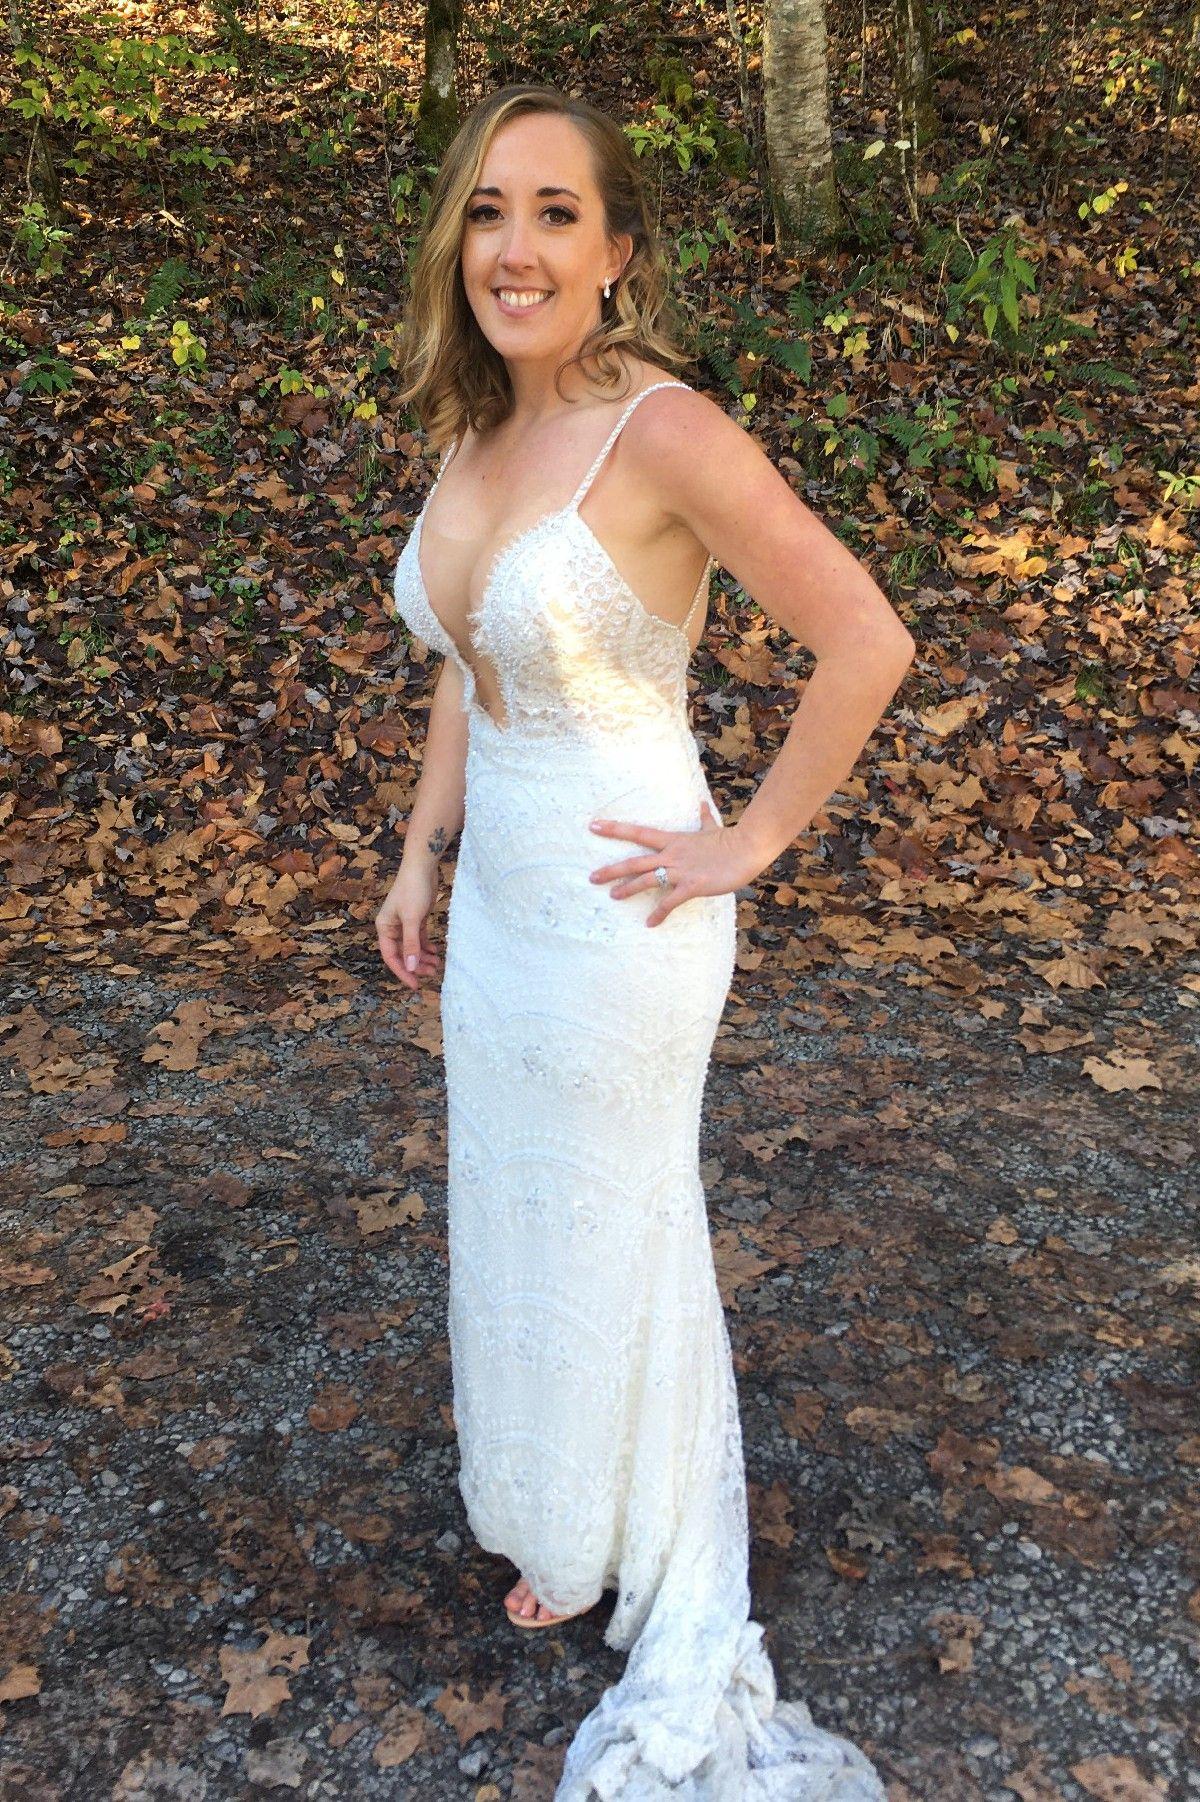 Berta 15 18 Preloved Wedding Dress Save 78 In 2021 Preloved Wedding Dresses Wedding Dresses Dresses [ 1802 x 1200 Pixel ]